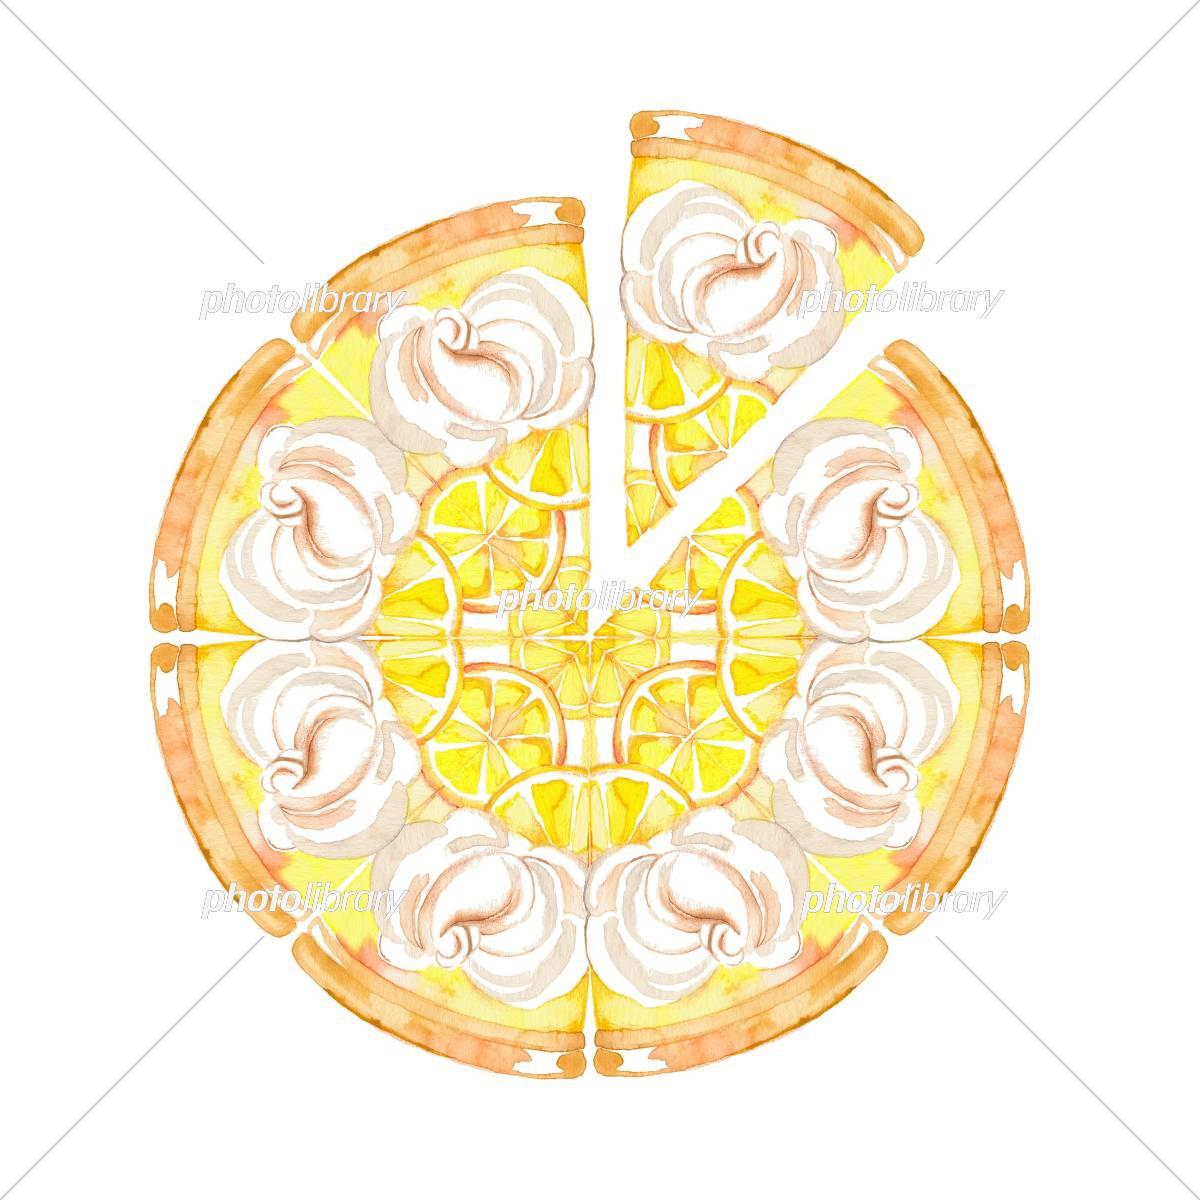 ケーキ ホール レモン イラスト素材 [ 5397778 ] - フォトライブラリー